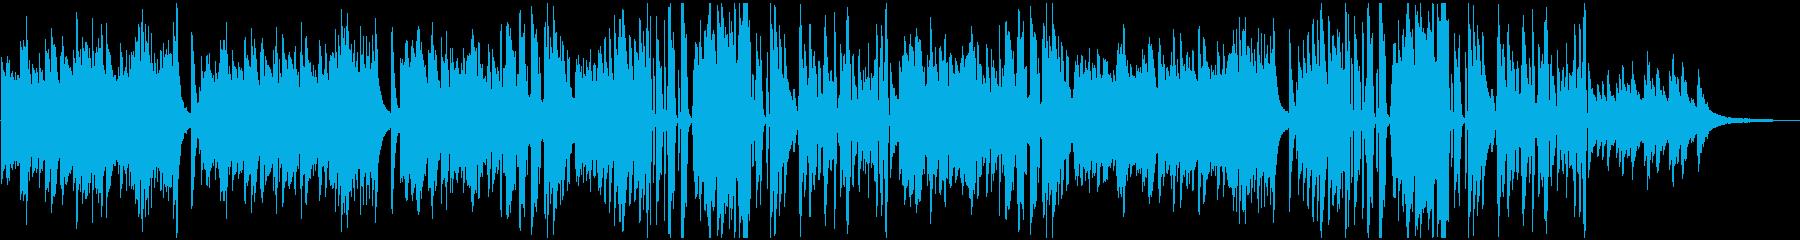 ピアノソロのビート感疾走感あるクール系の再生済みの波形